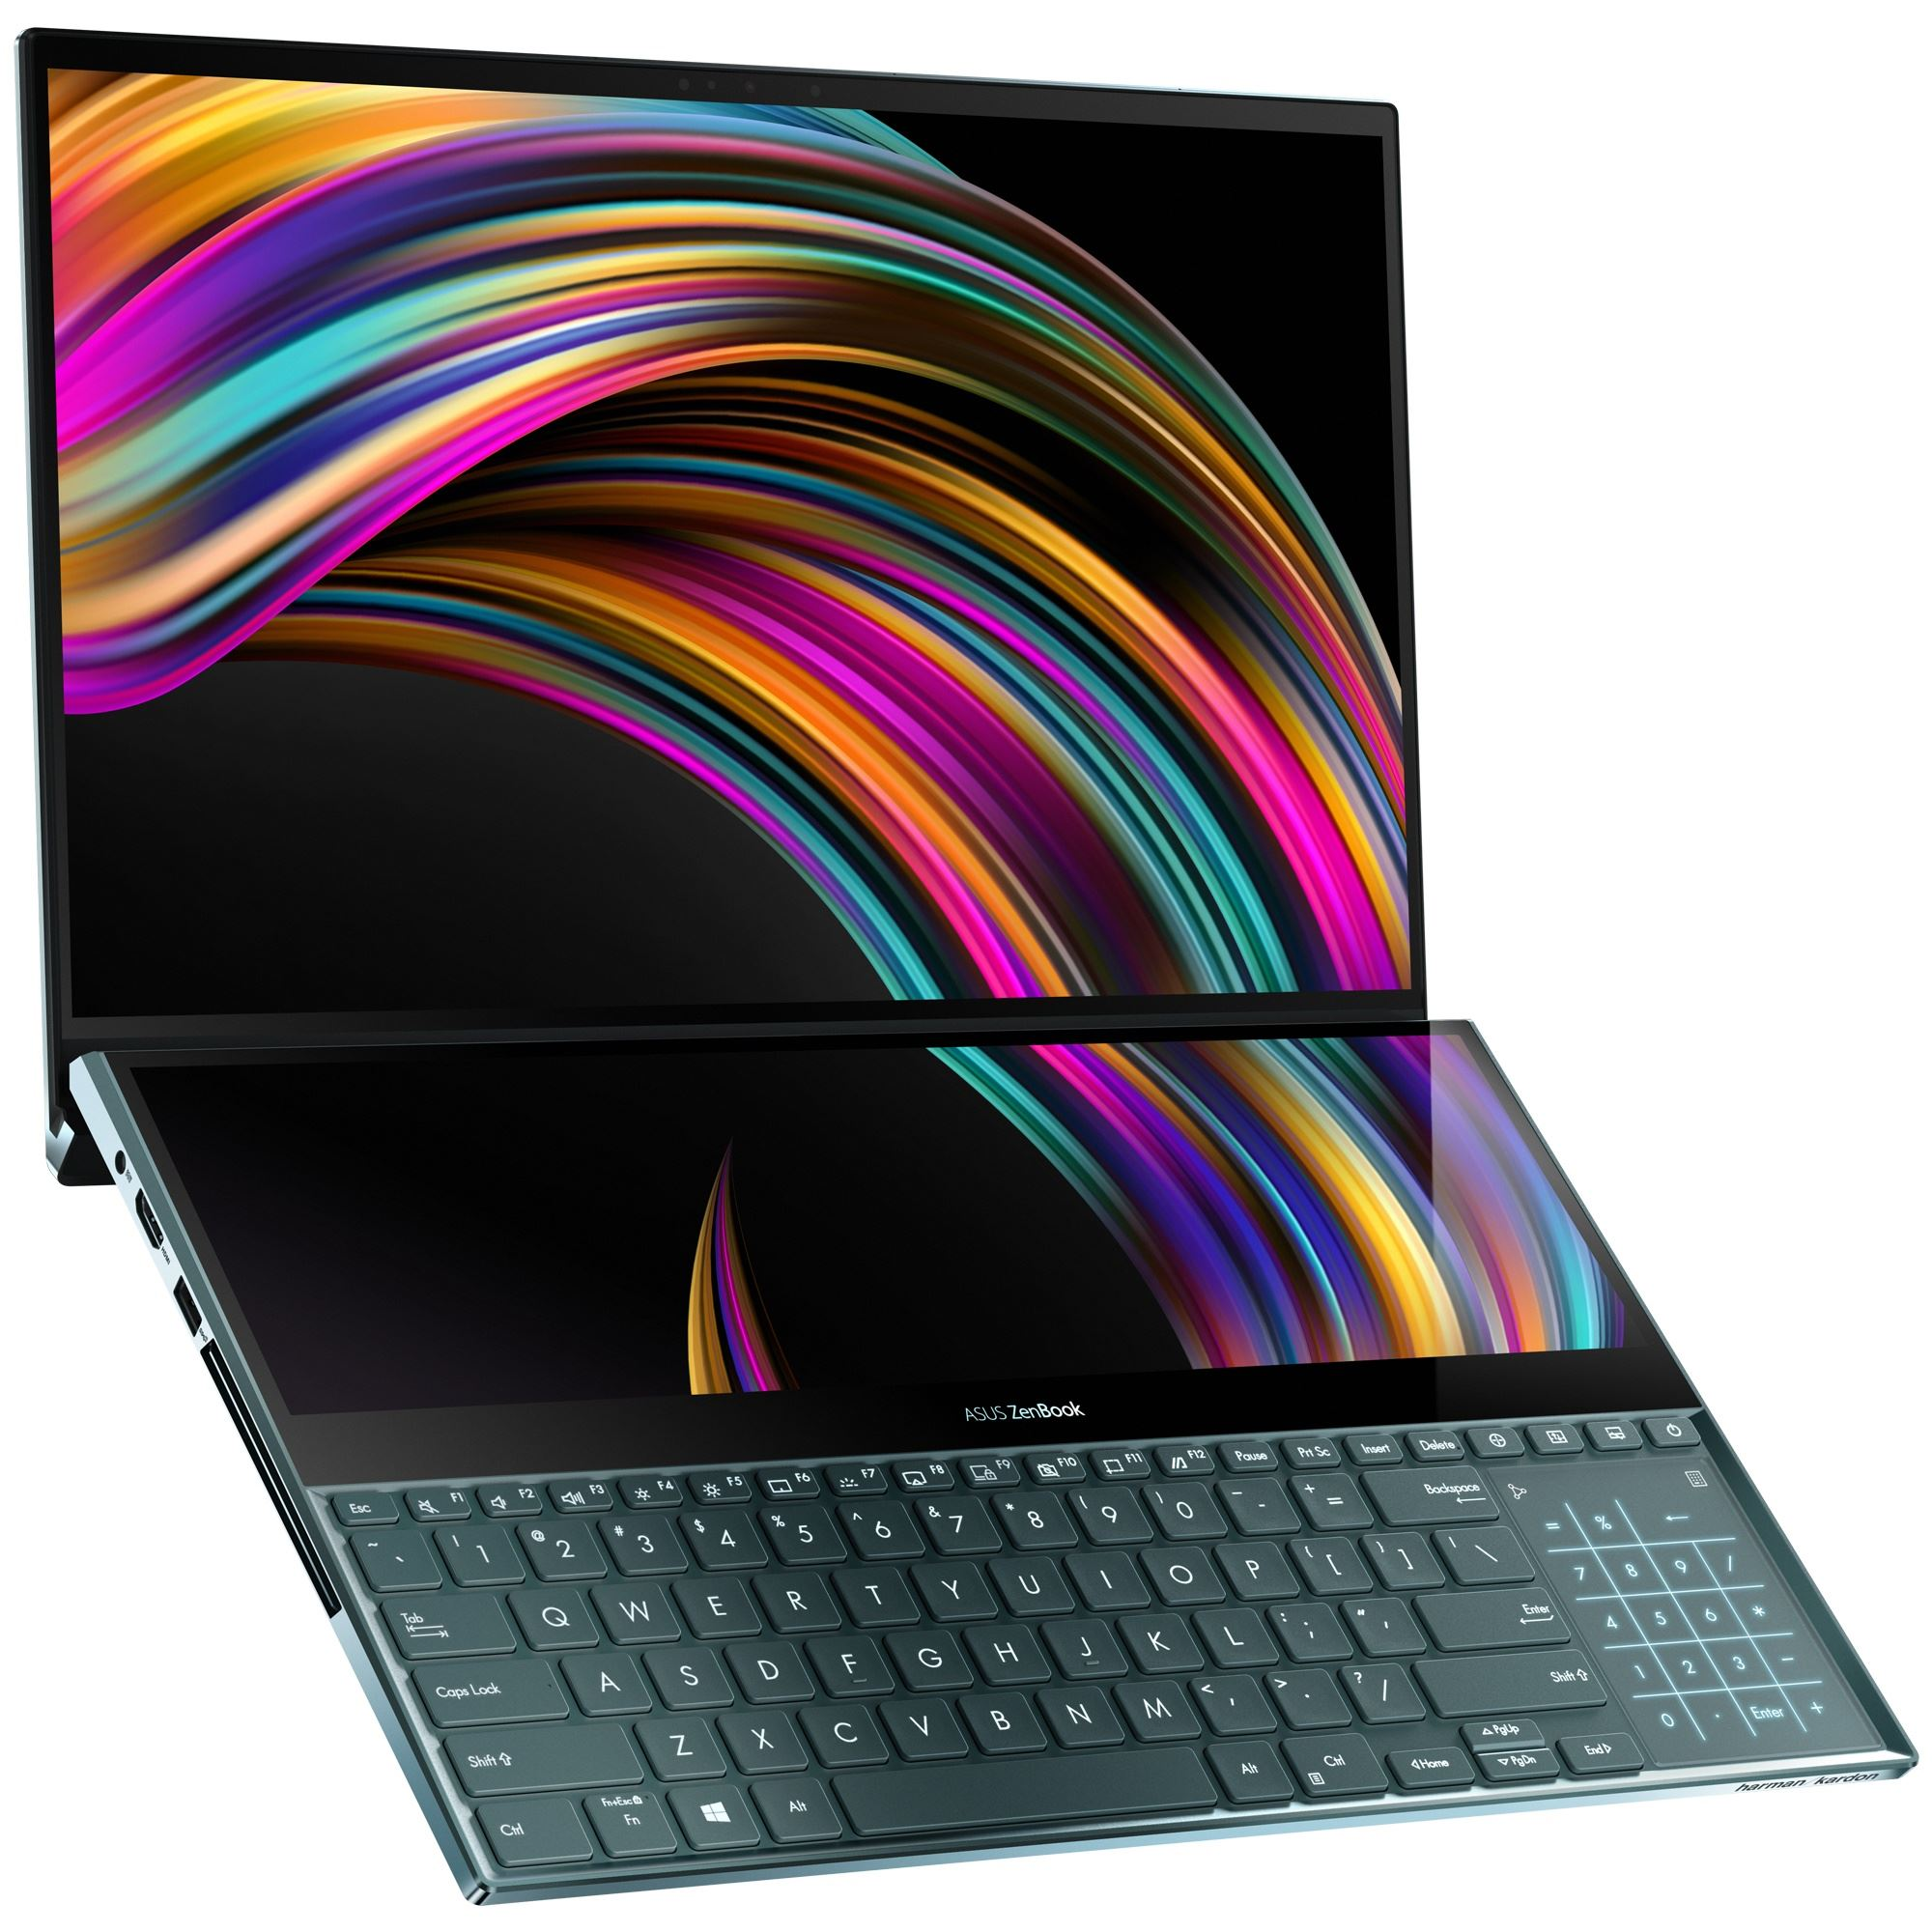 Asus-Zenbook-Pro-Duo-UX581-20